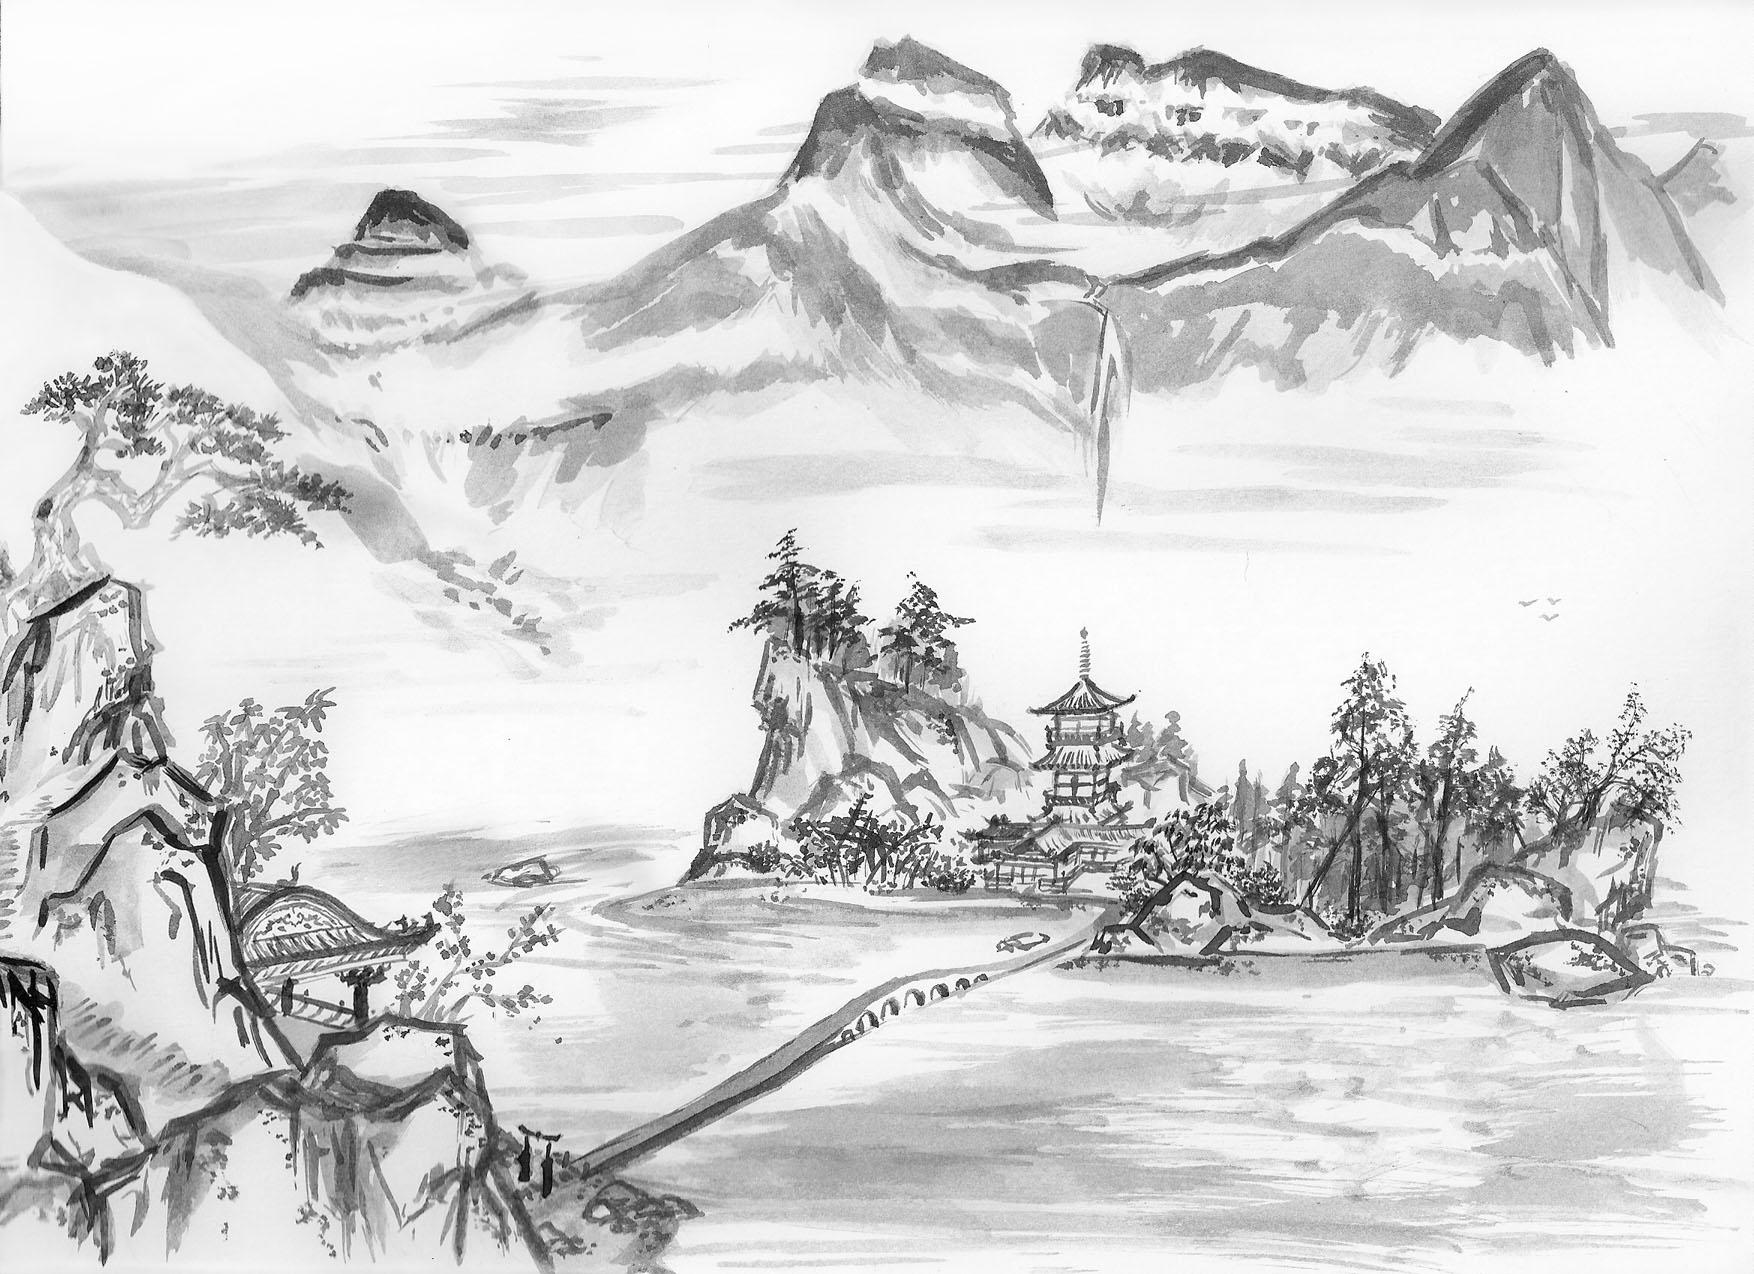 Sumi-e Mountain Landscape